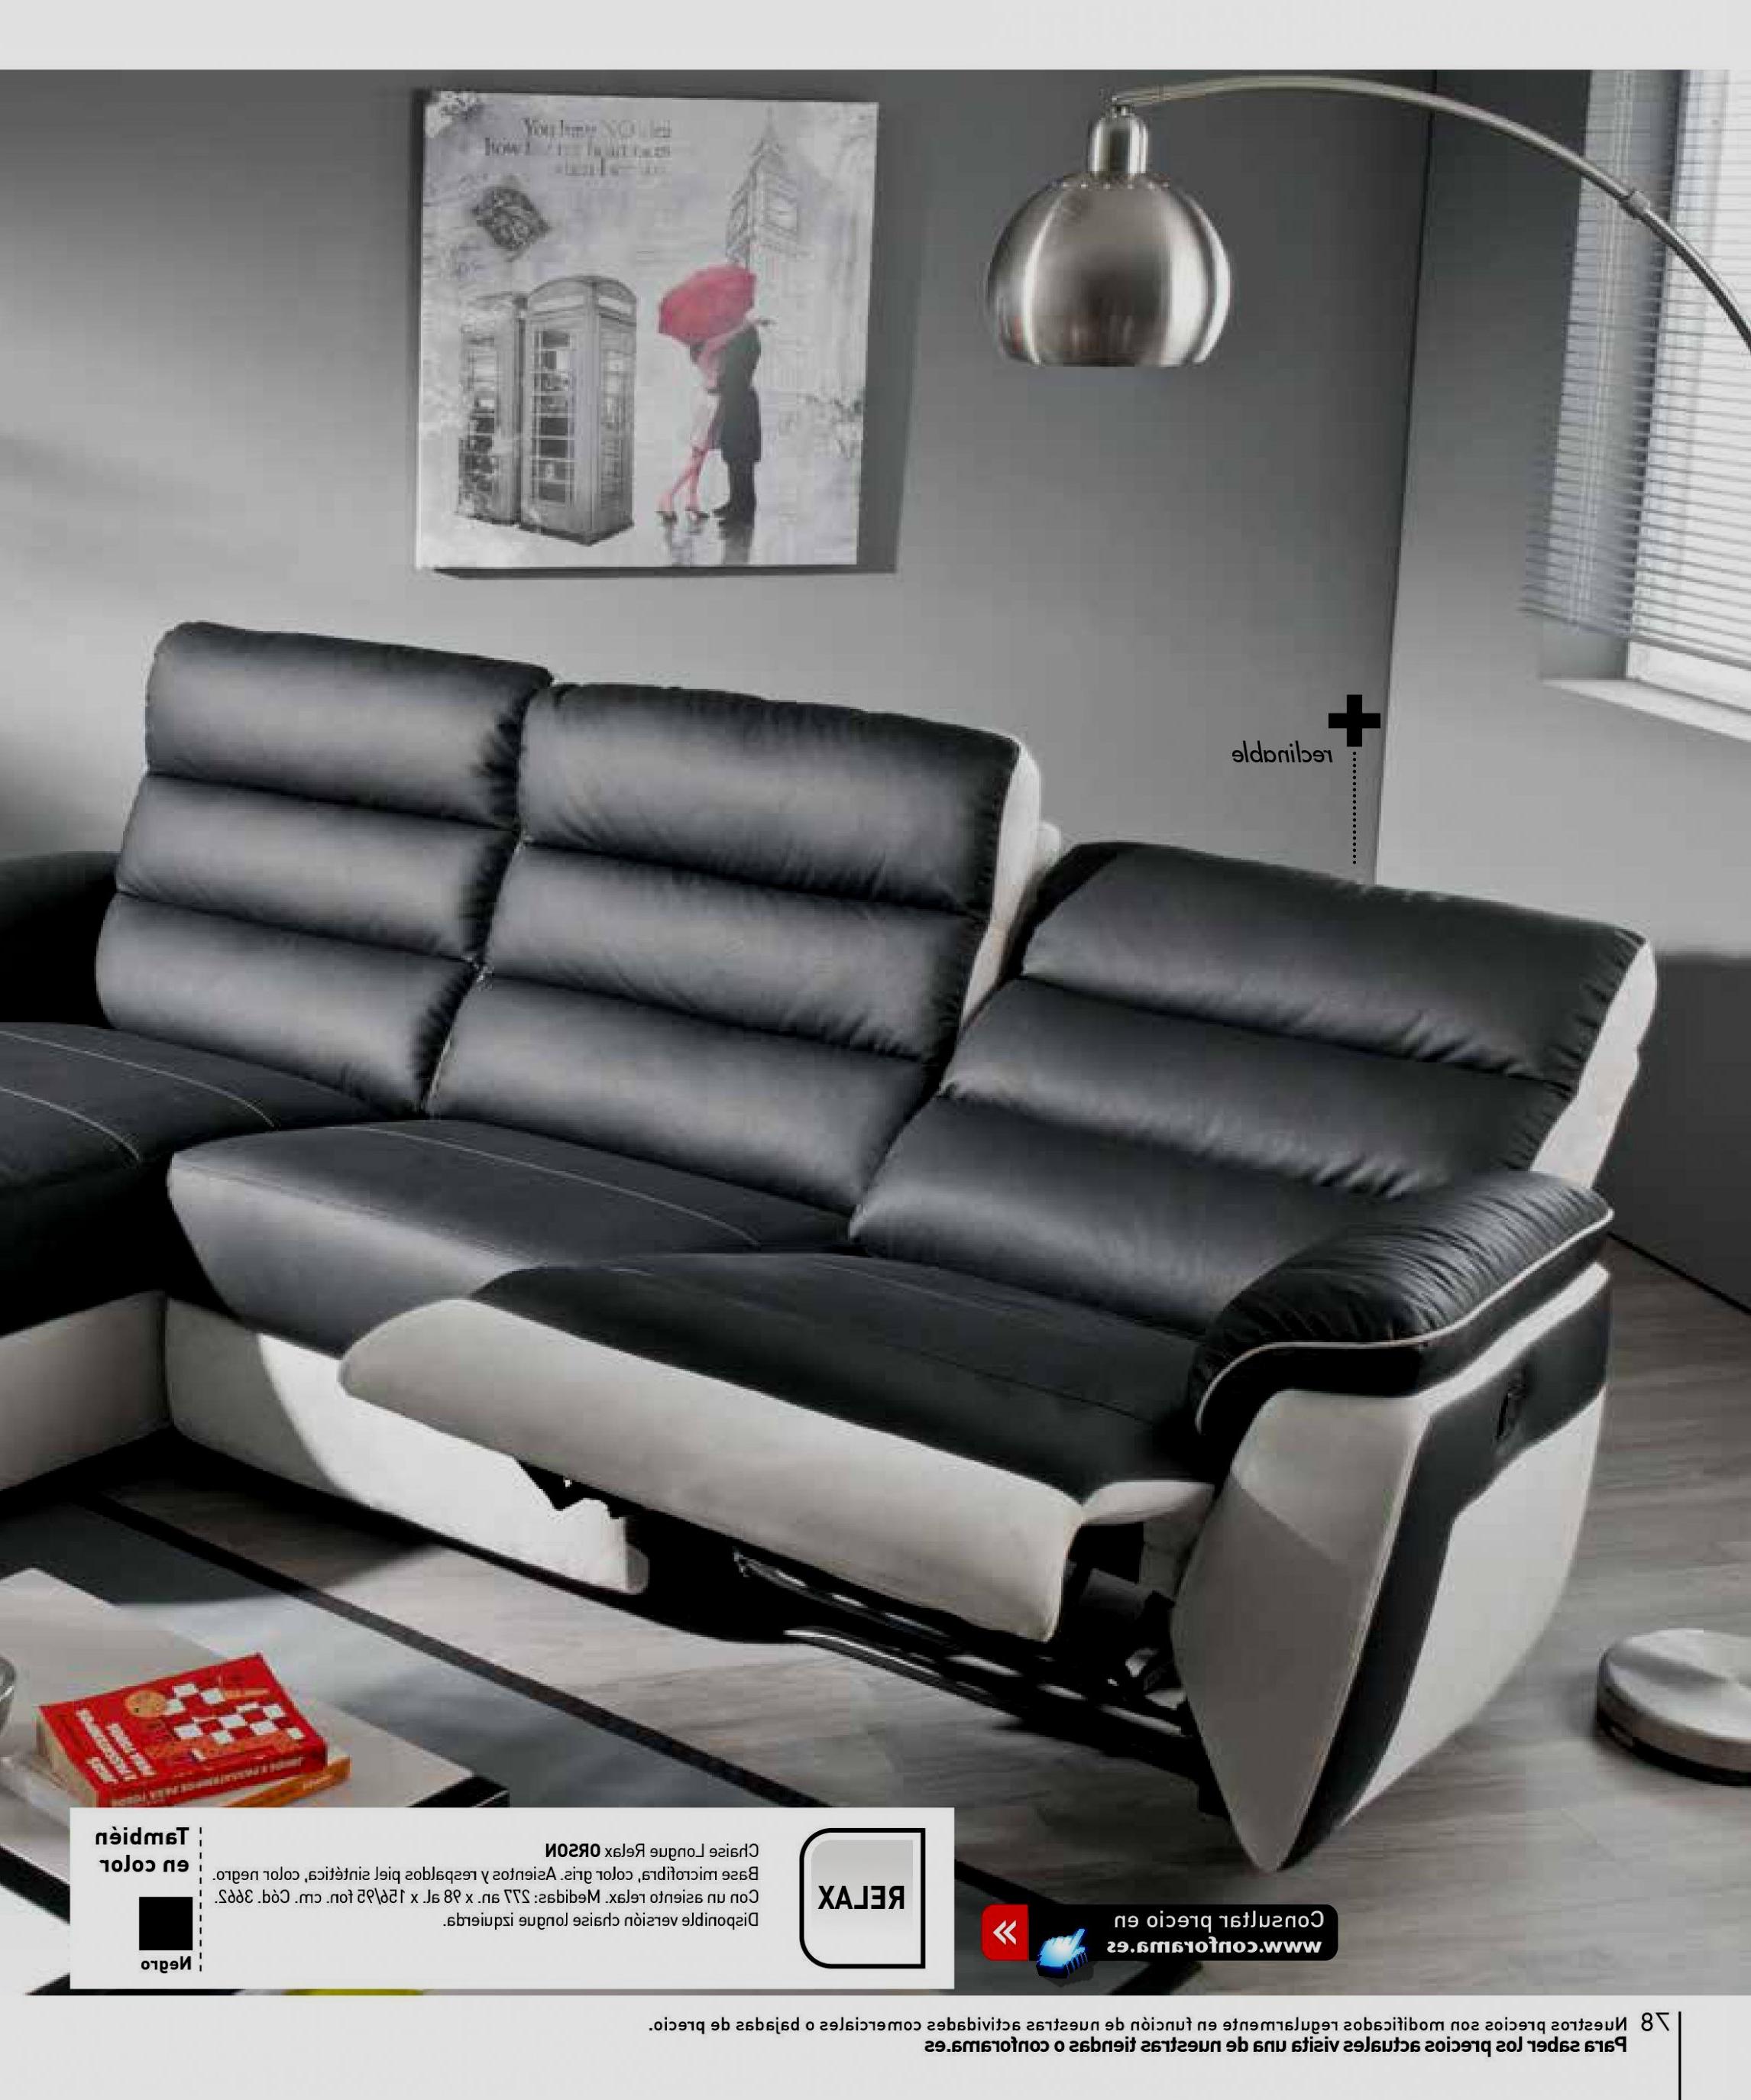 Sofas Conforama Precios Zwdg sofas Conforama Precios Hermoso Las Magnfico Ver sofas Cama Proyecto